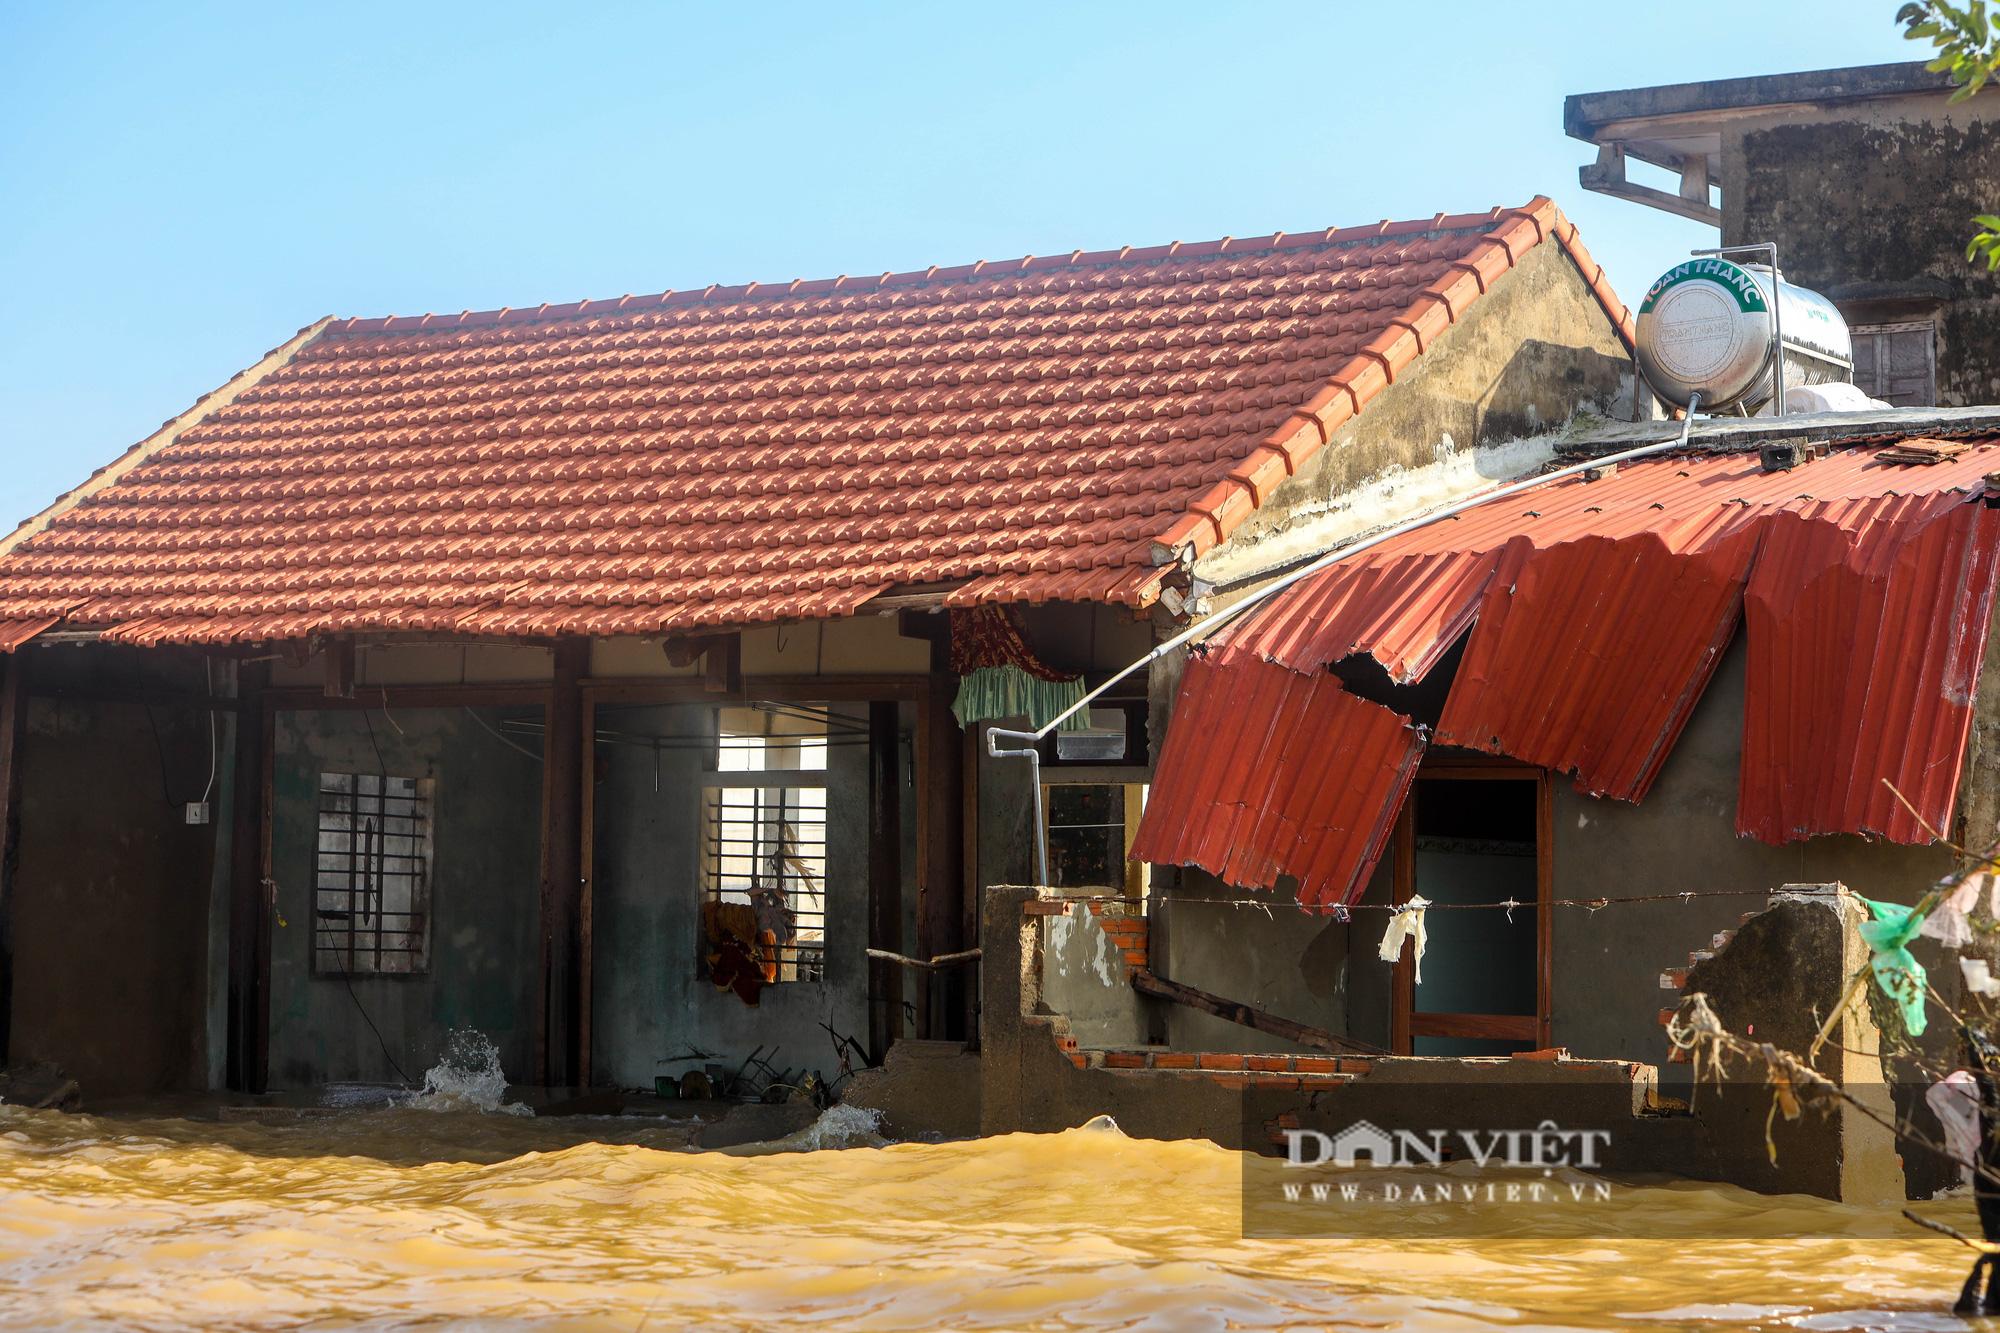 Nhà 30 người mắc kẹt trong lũ Quảng Bình vỡ òa khi có đoàn tiếp tế - Ảnh 2.